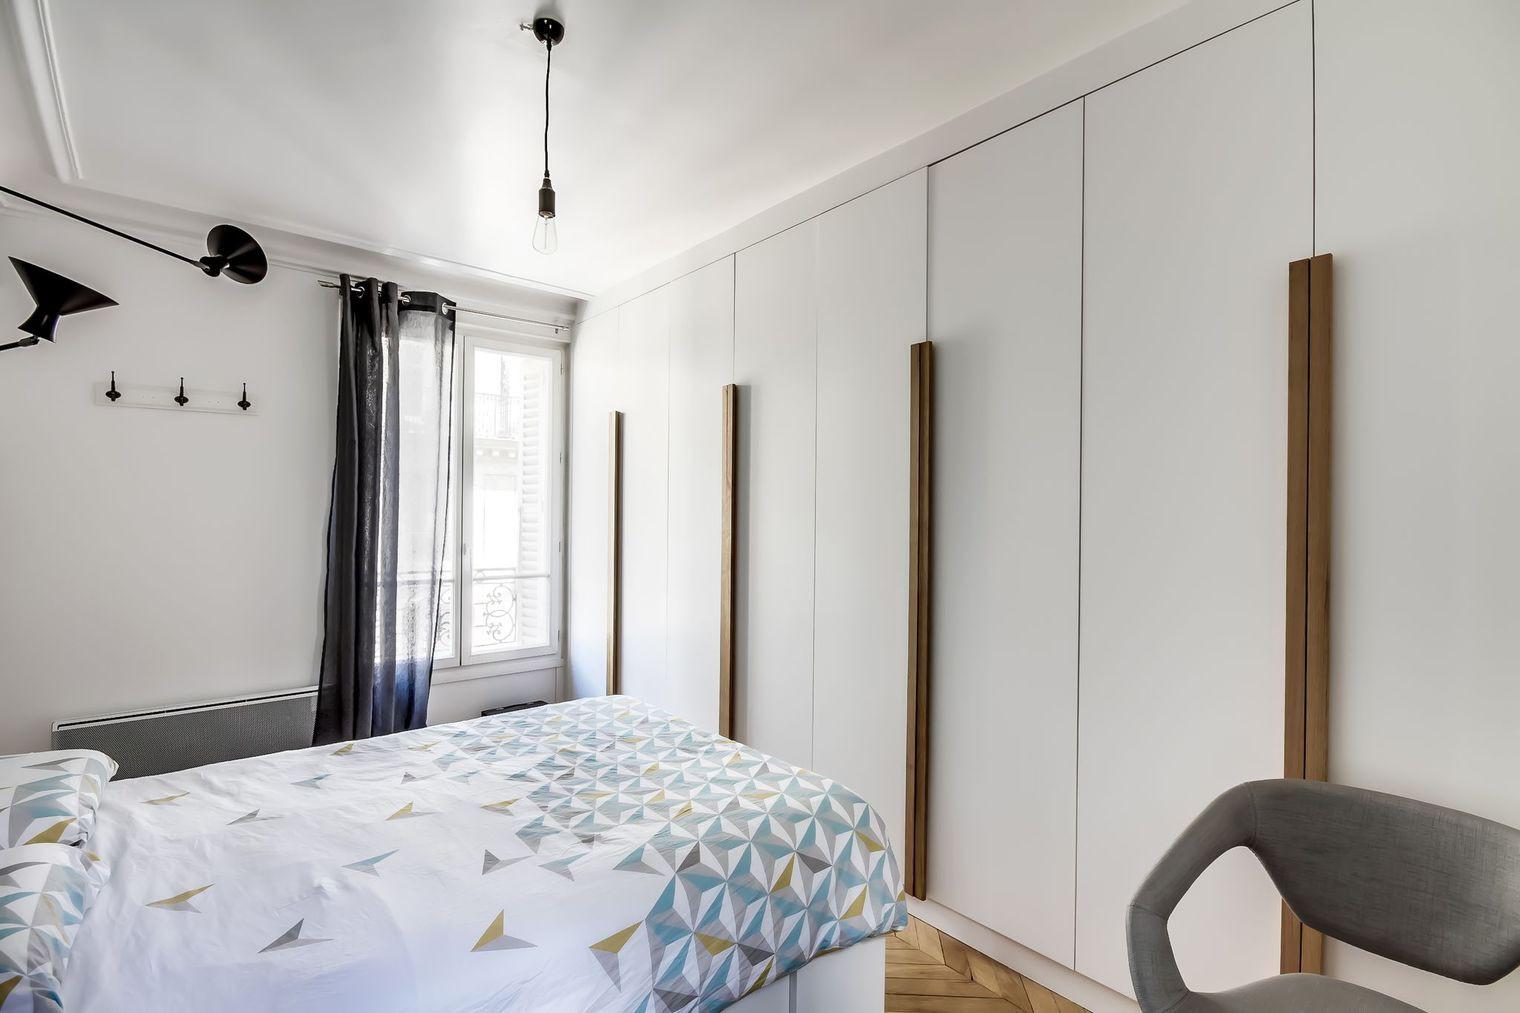 Sau cải tạo, căn hộ 38m² đẹp hoàn hảo mọi góc nhìn   - Ảnh 11.